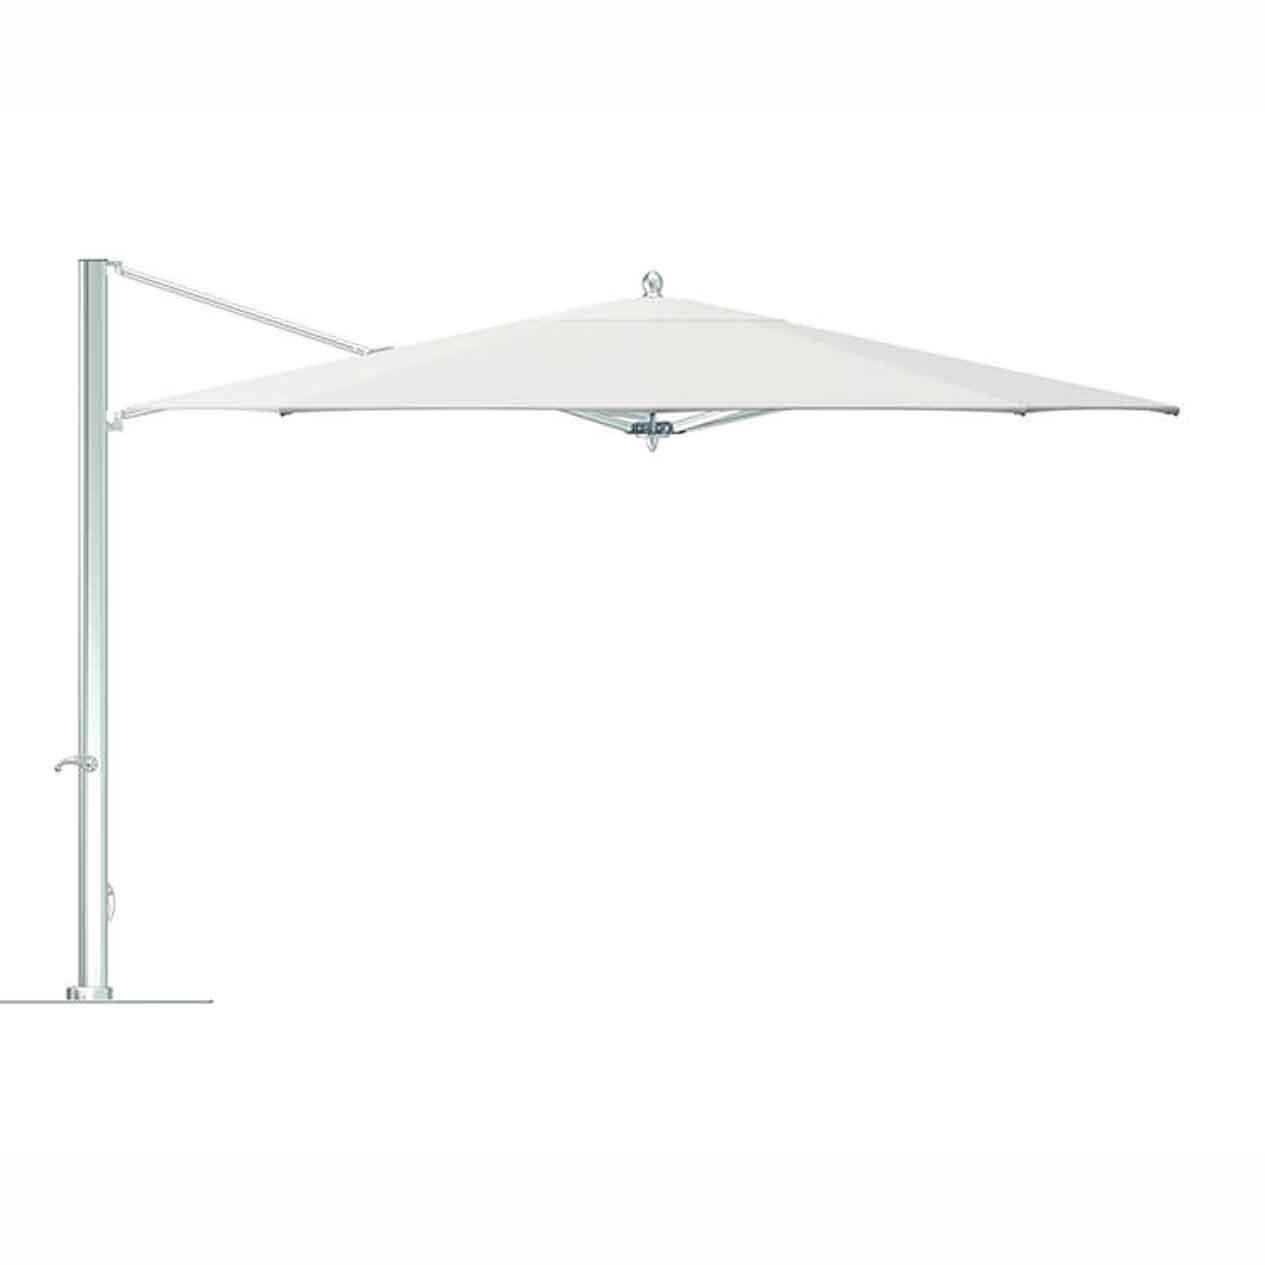 Ocean Master Max 9' Octagon Cantilever Umbrella w/Tilt